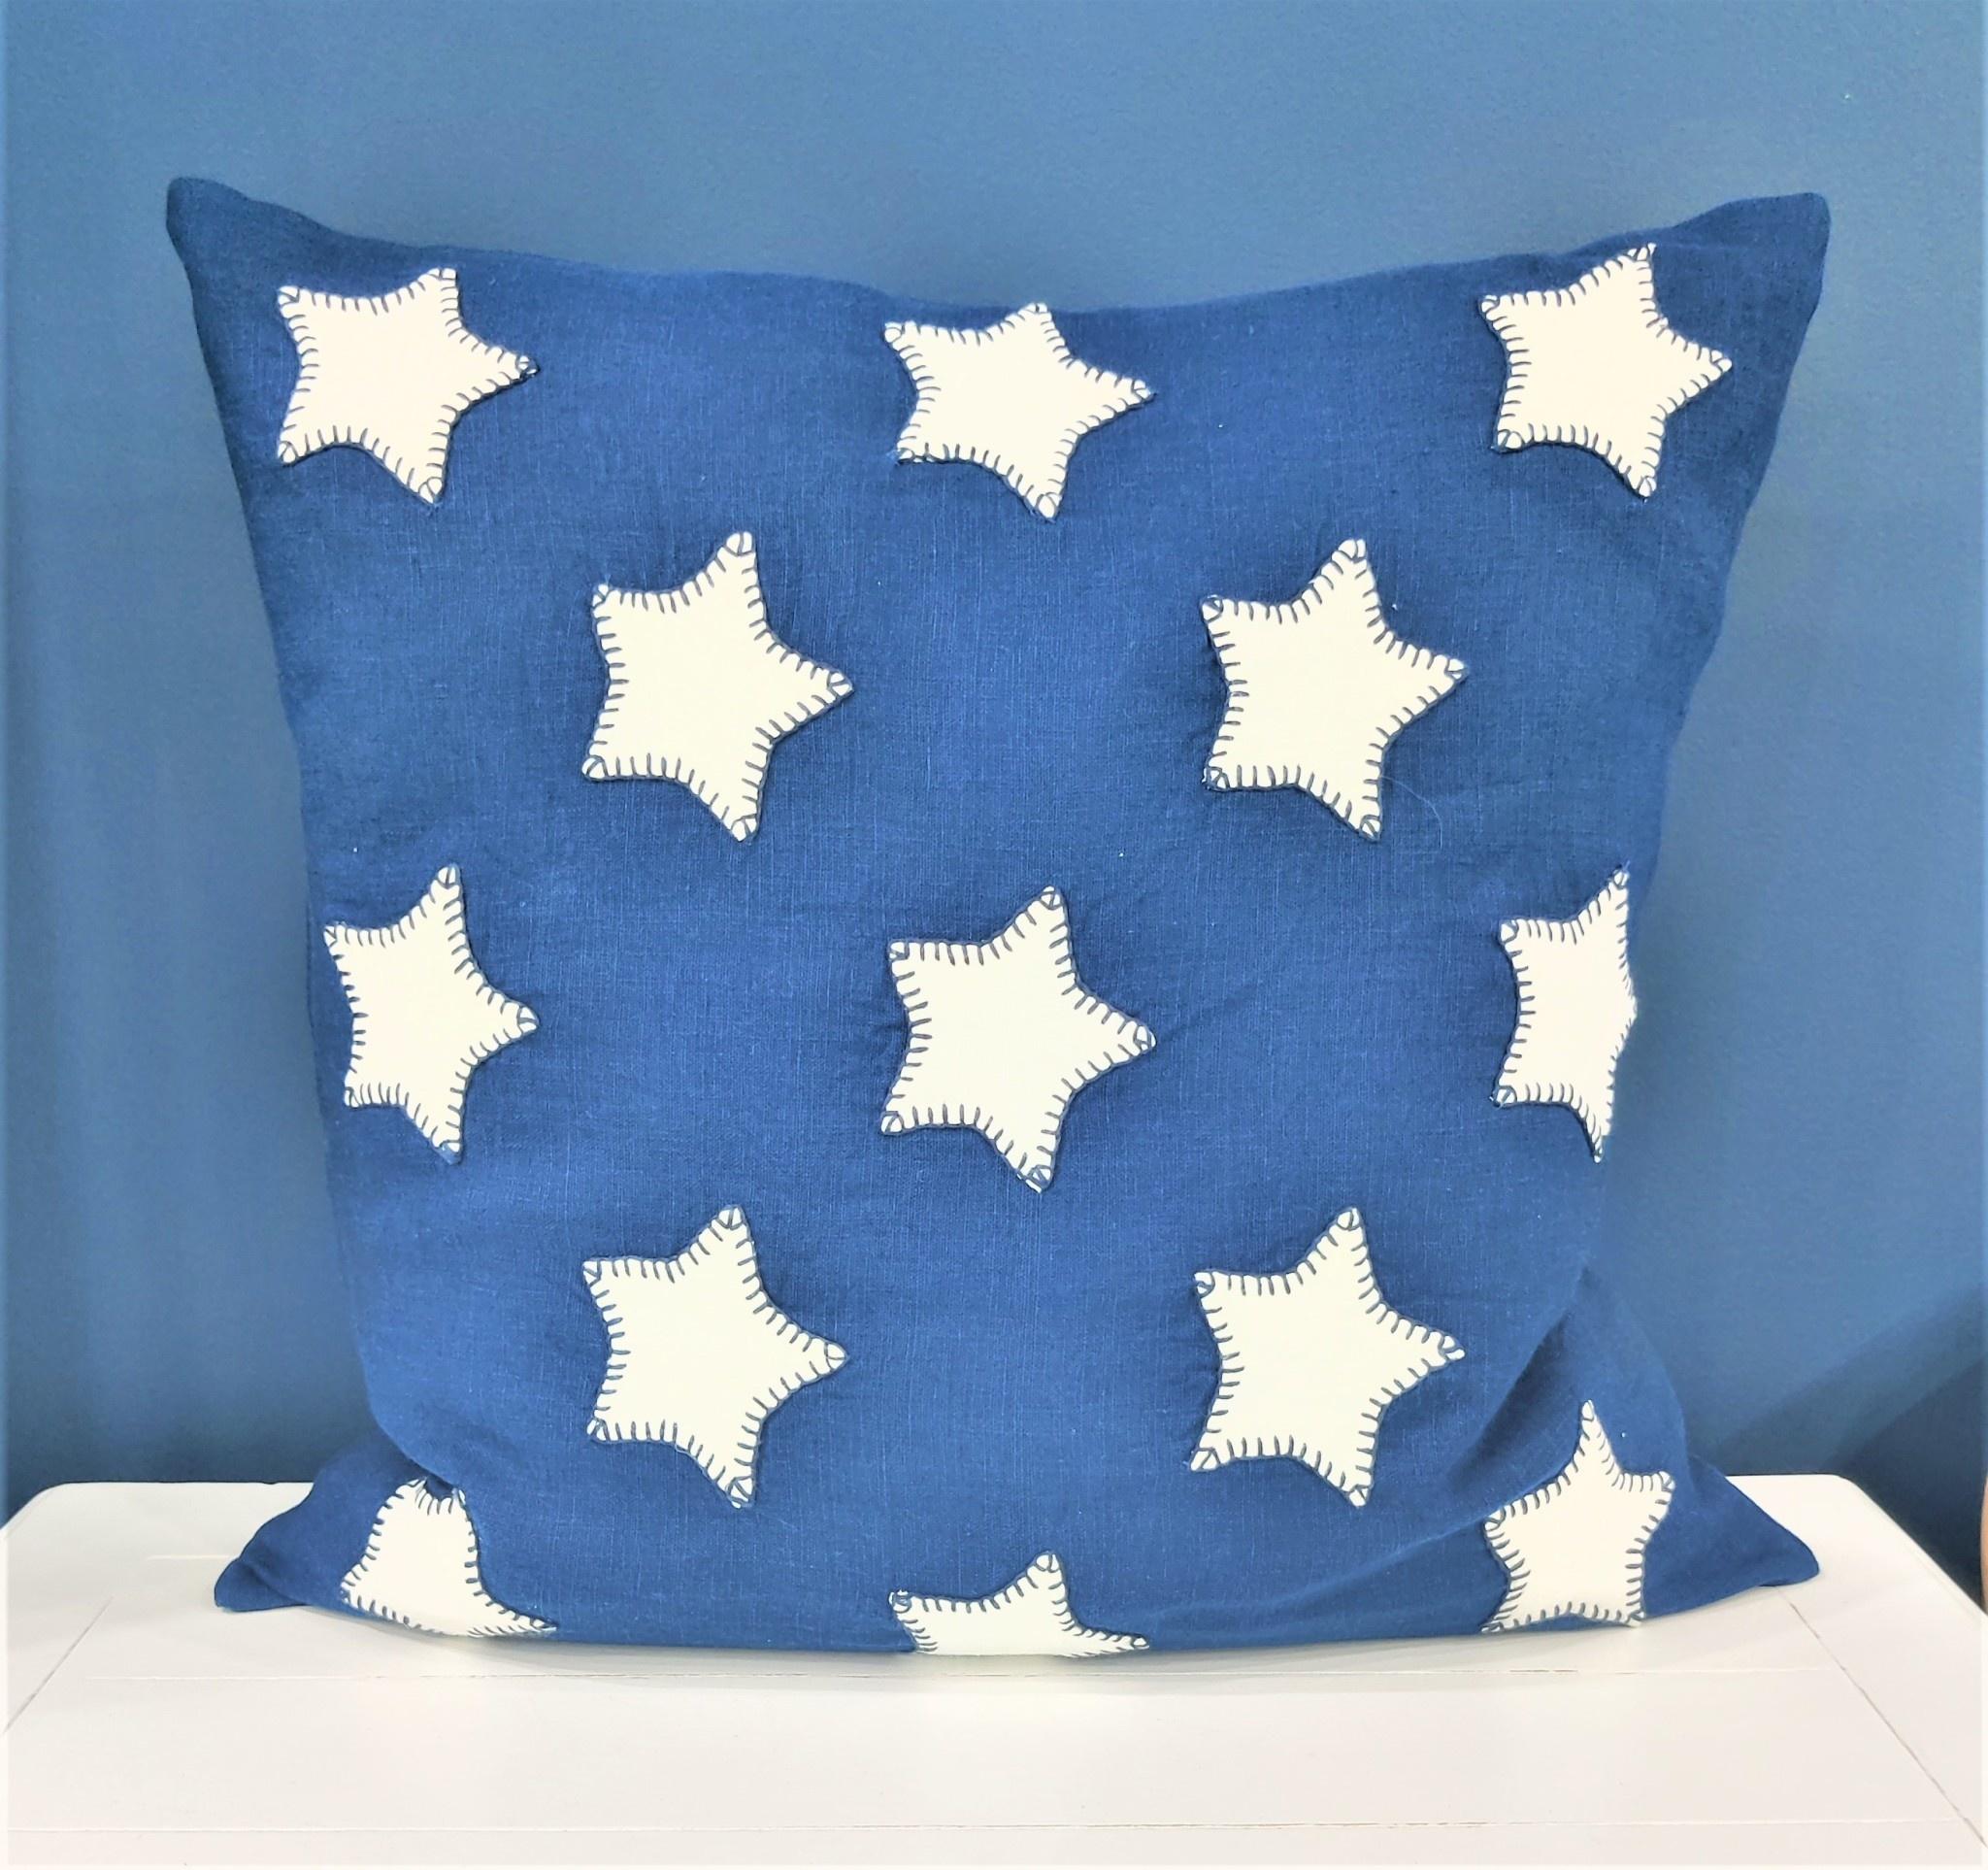 Stars Embroidered Pillow Indigo Linen w/ White Stars 21x21